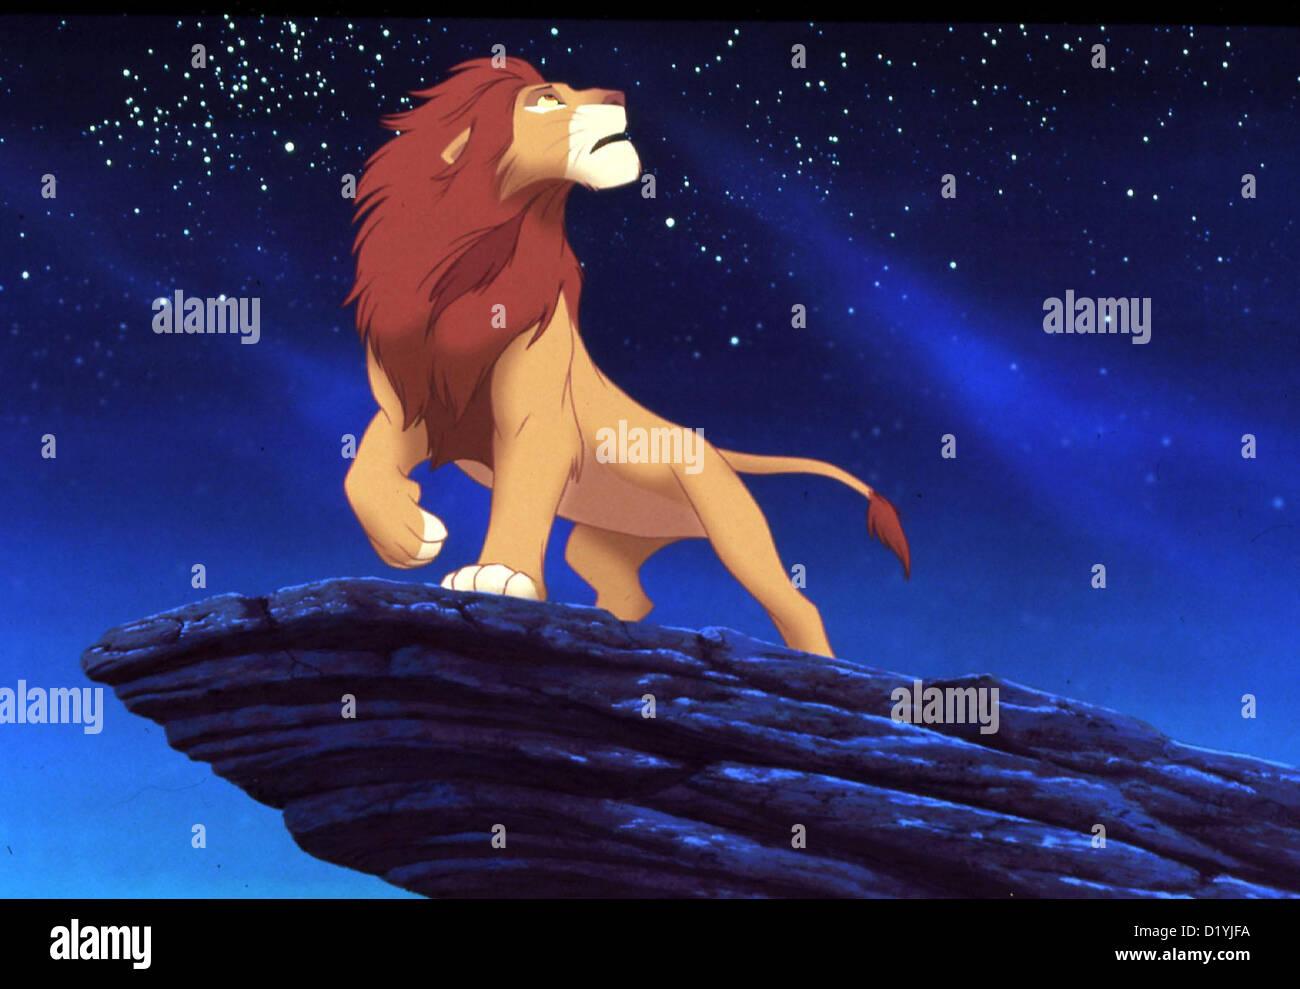 koenig der loewen lion king the simba der koenig der. Black Bedroom Furniture Sets. Home Design Ideas